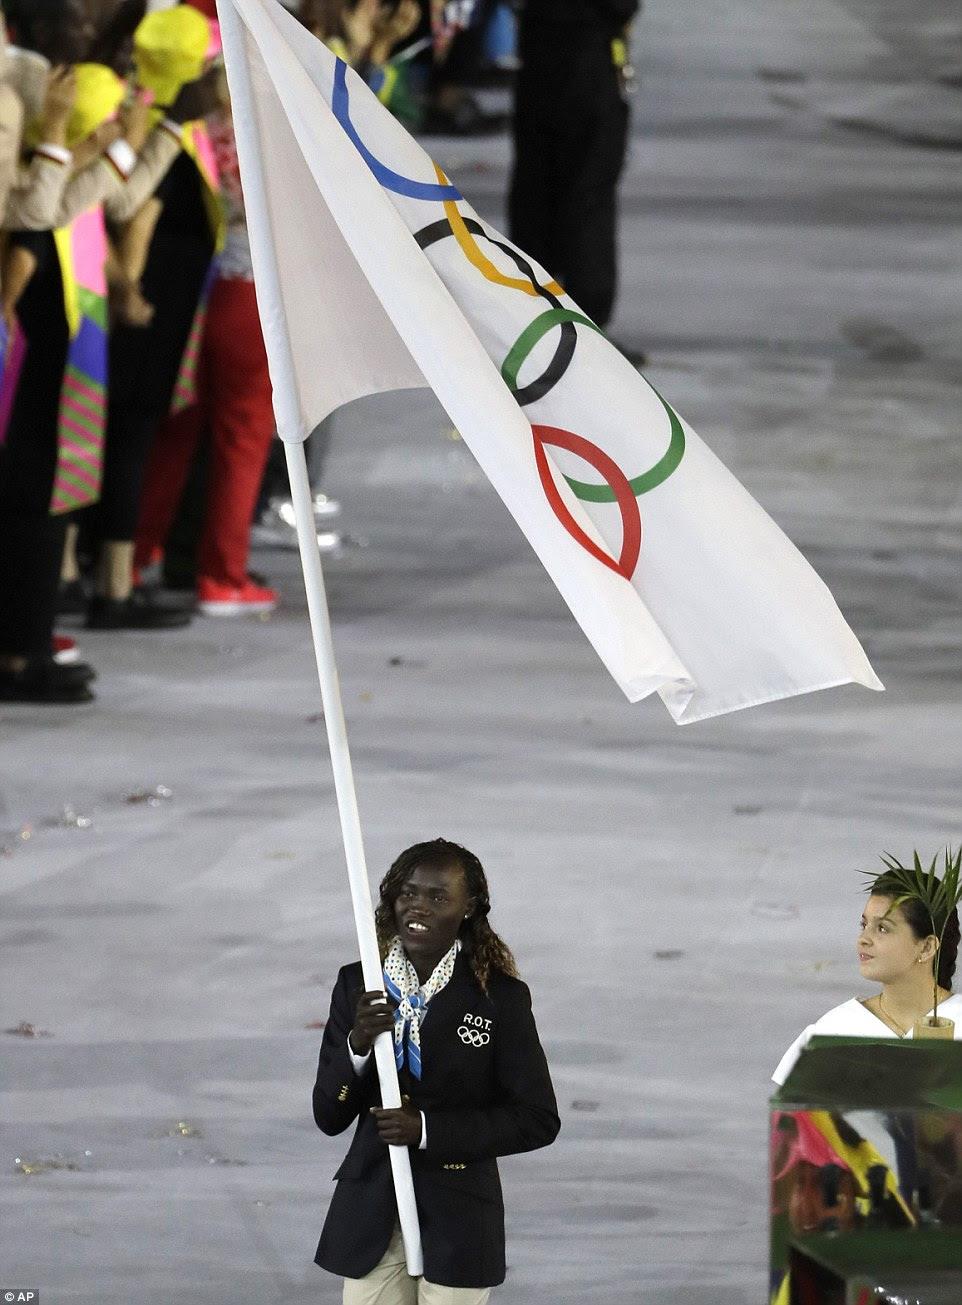 Runner Rose Lokonyen Nathike carrega a bandeira da equipe olímpica para os Refugiados durante a cerimônia de abertura